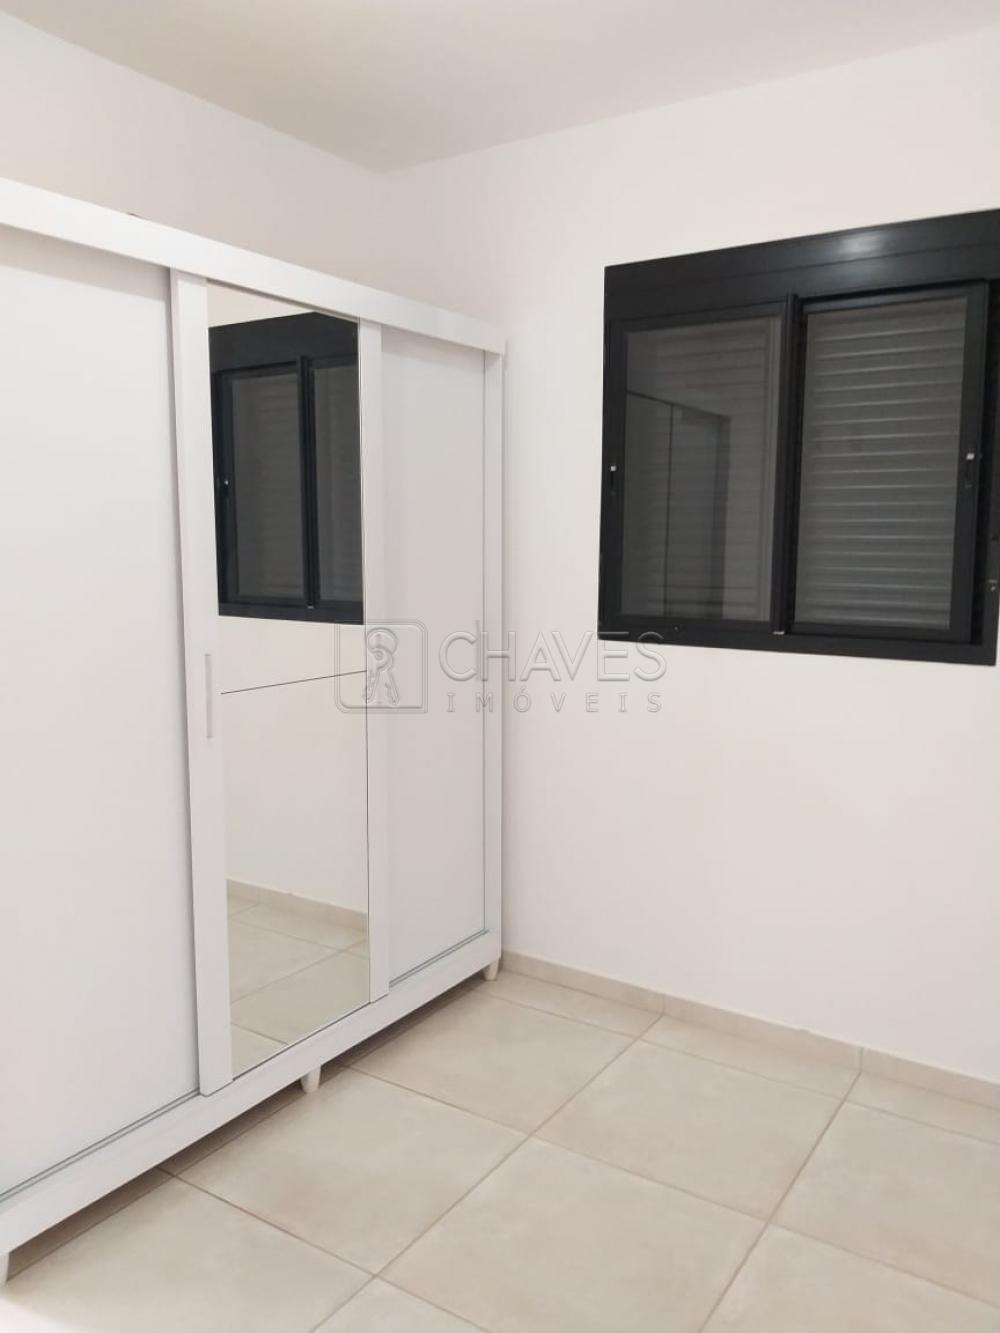 Alugar Apartamento / Padrão em Bonfim Paulista apenas R$ 900,00 - Foto 6